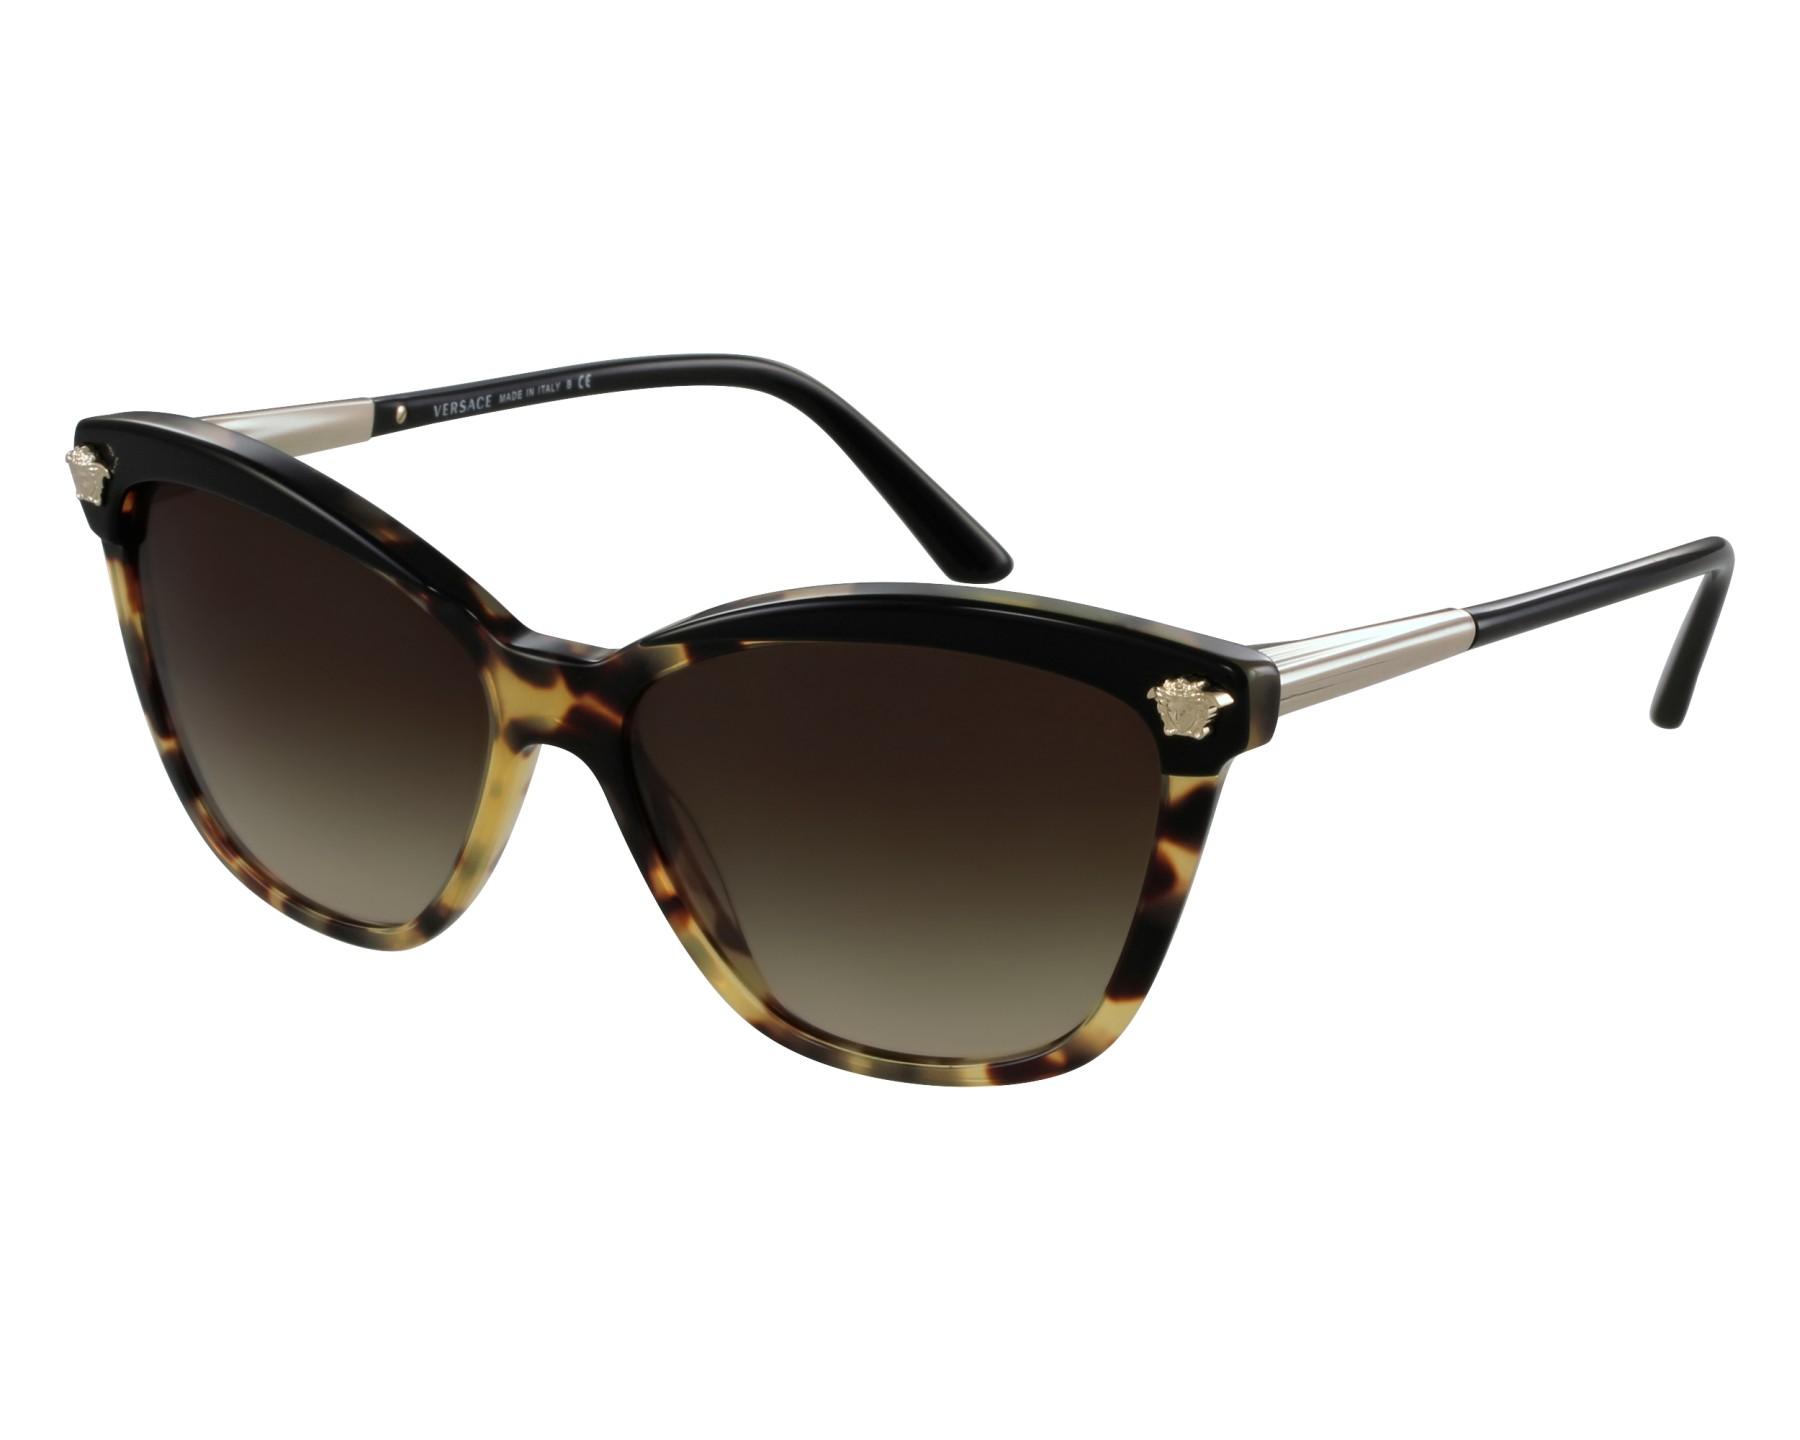 162fc9f65e56a Sunglasses Versace VE-4313 5177 13 - Havana Black front view